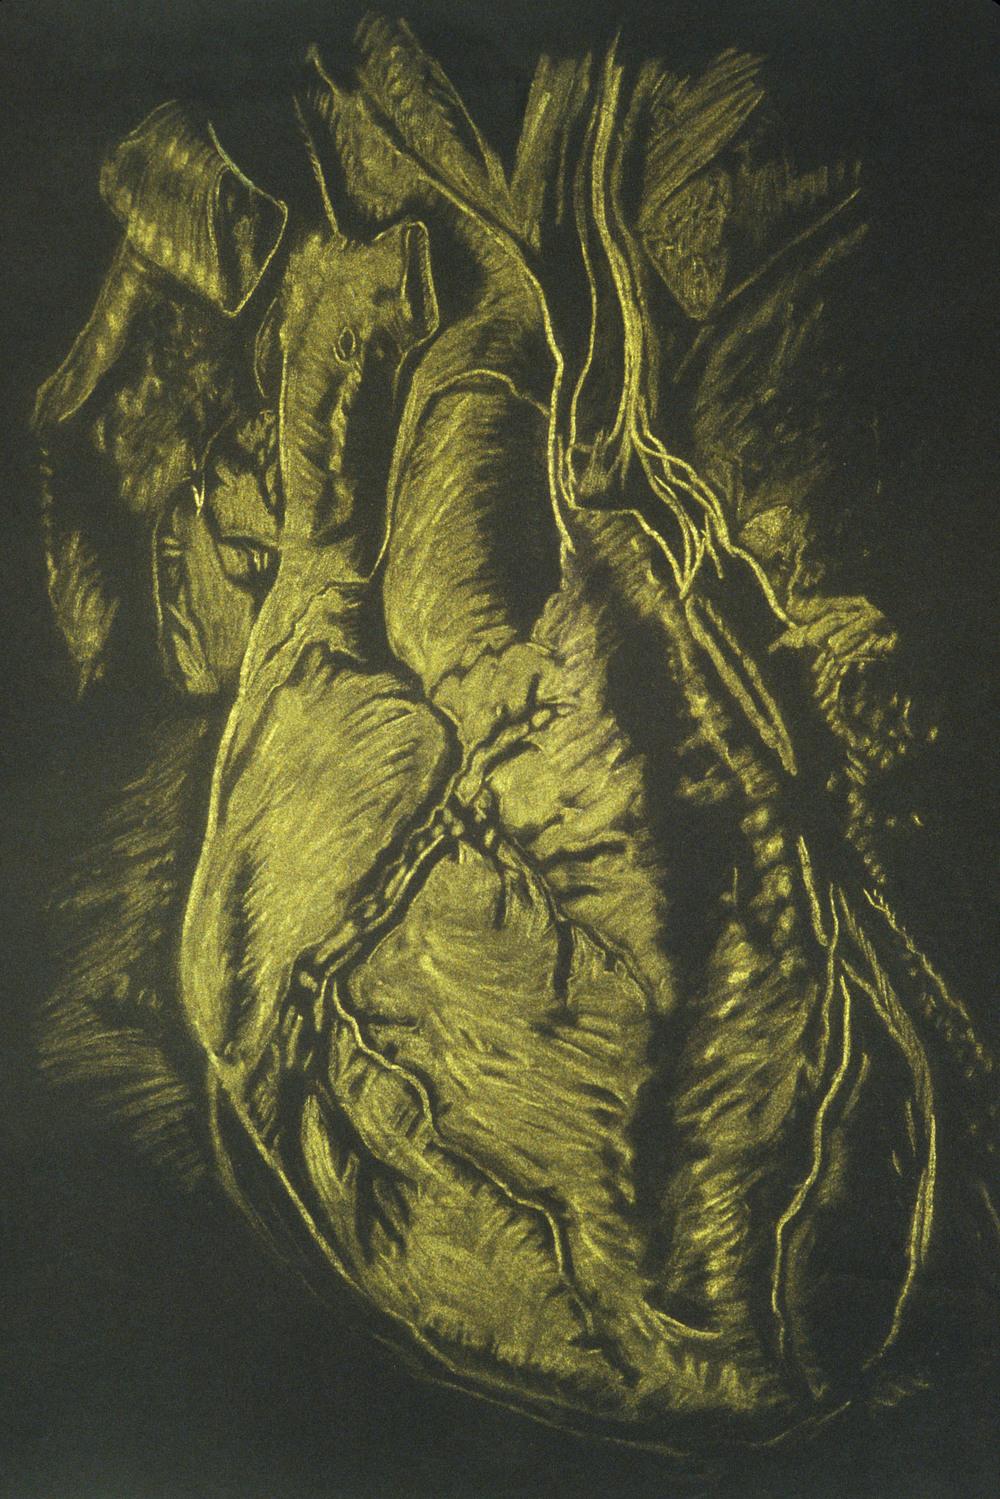 Mimi.Gross.anatomy.045.jpg